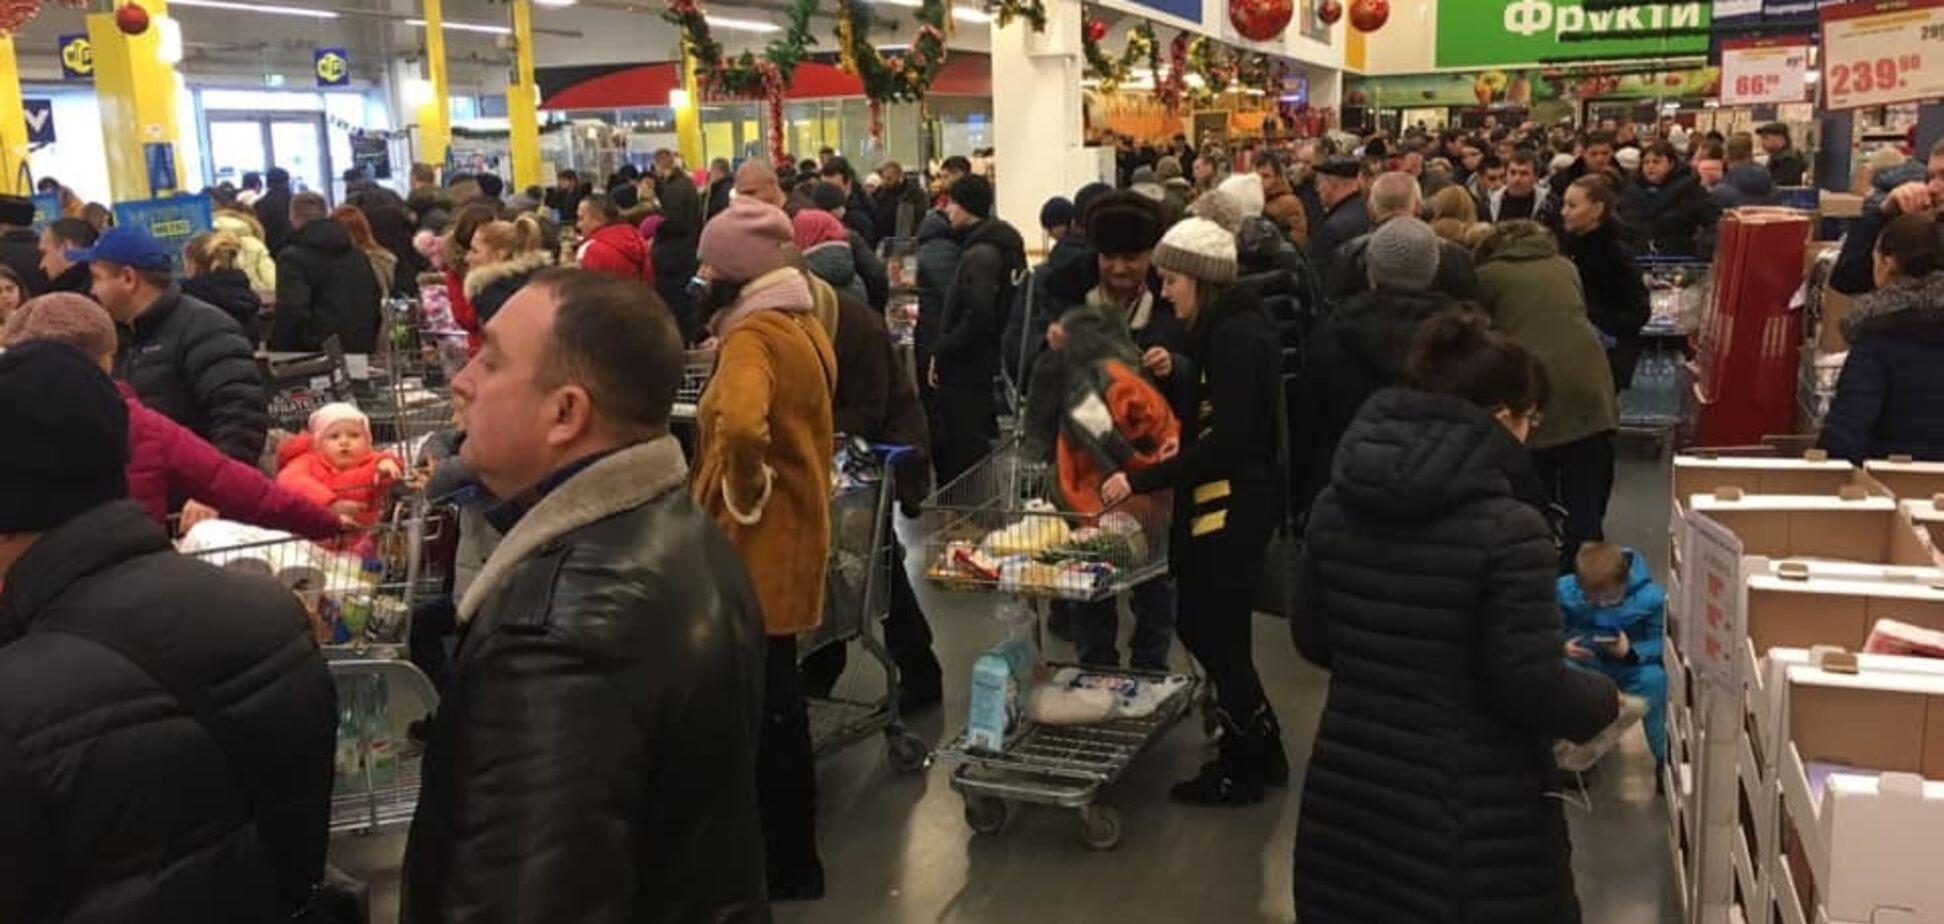 ''Хроніки новорічного зубожіння'': українці влаштували 'затори' в магазинах. Фотофакт